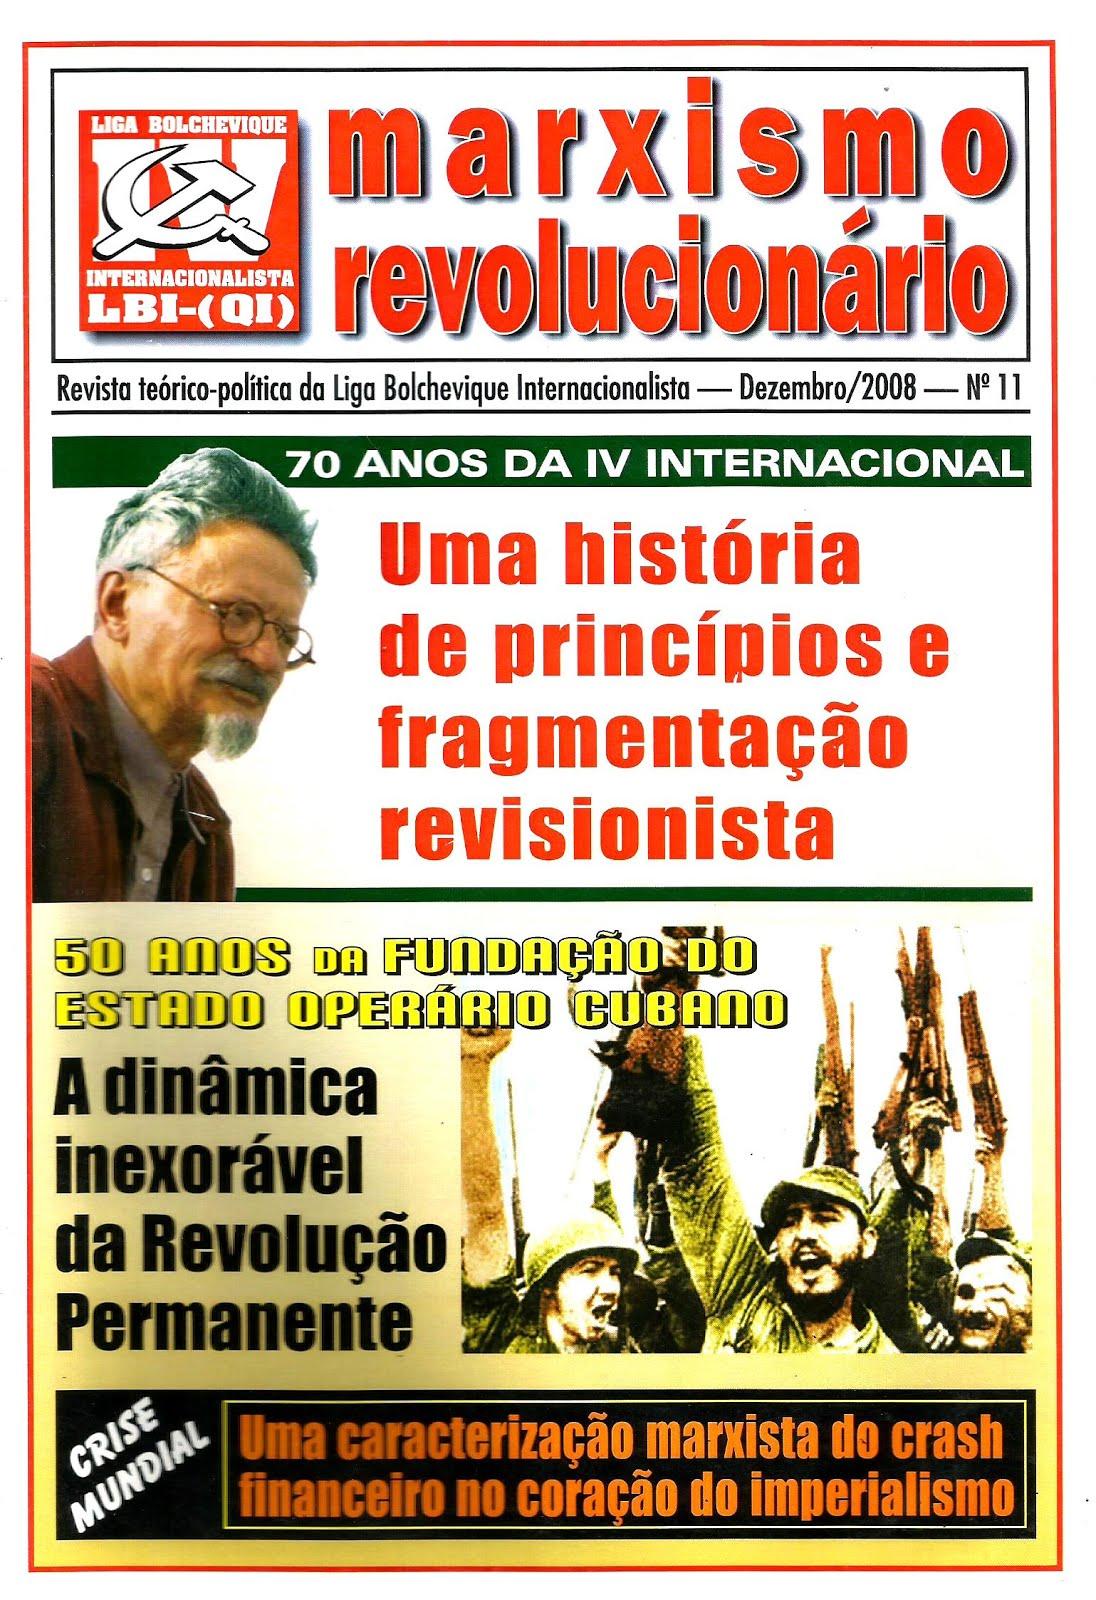 REVISTA MARXISMO REVOLUCIONÁRIO